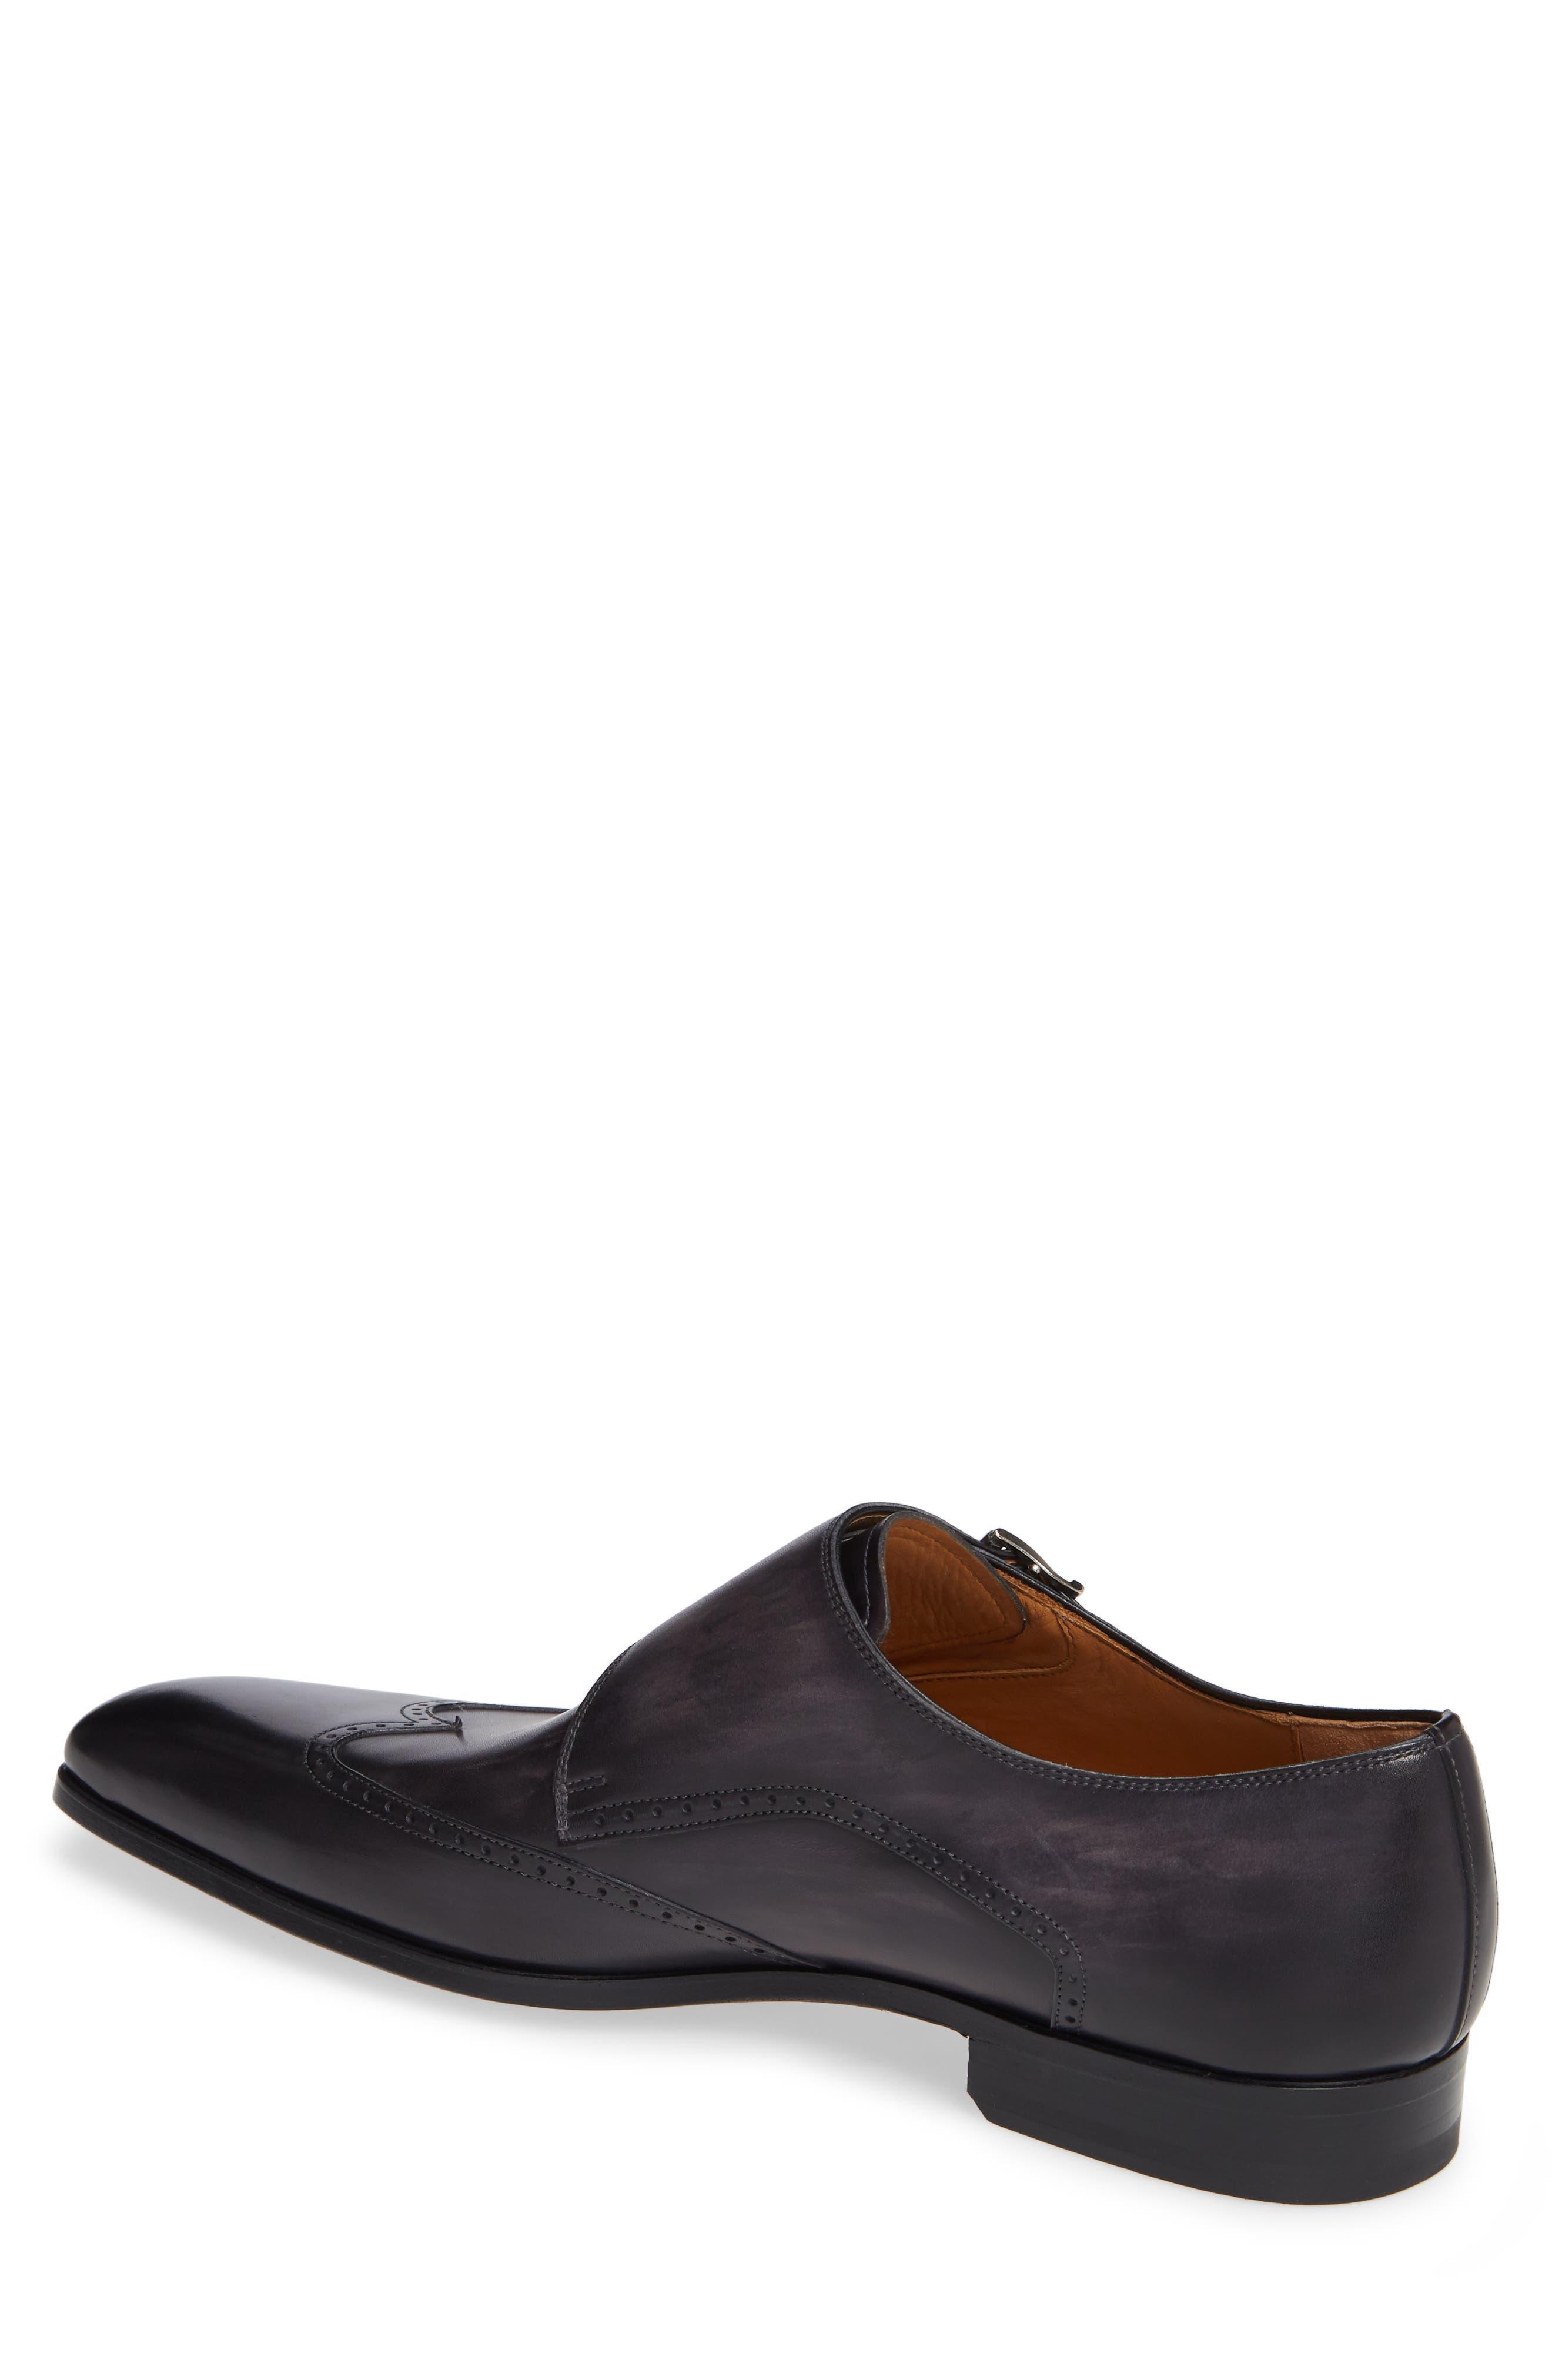 Dixon Wingtip Double Strap Monk Shoe,                             Alternate thumbnail 2, color,                             GREY